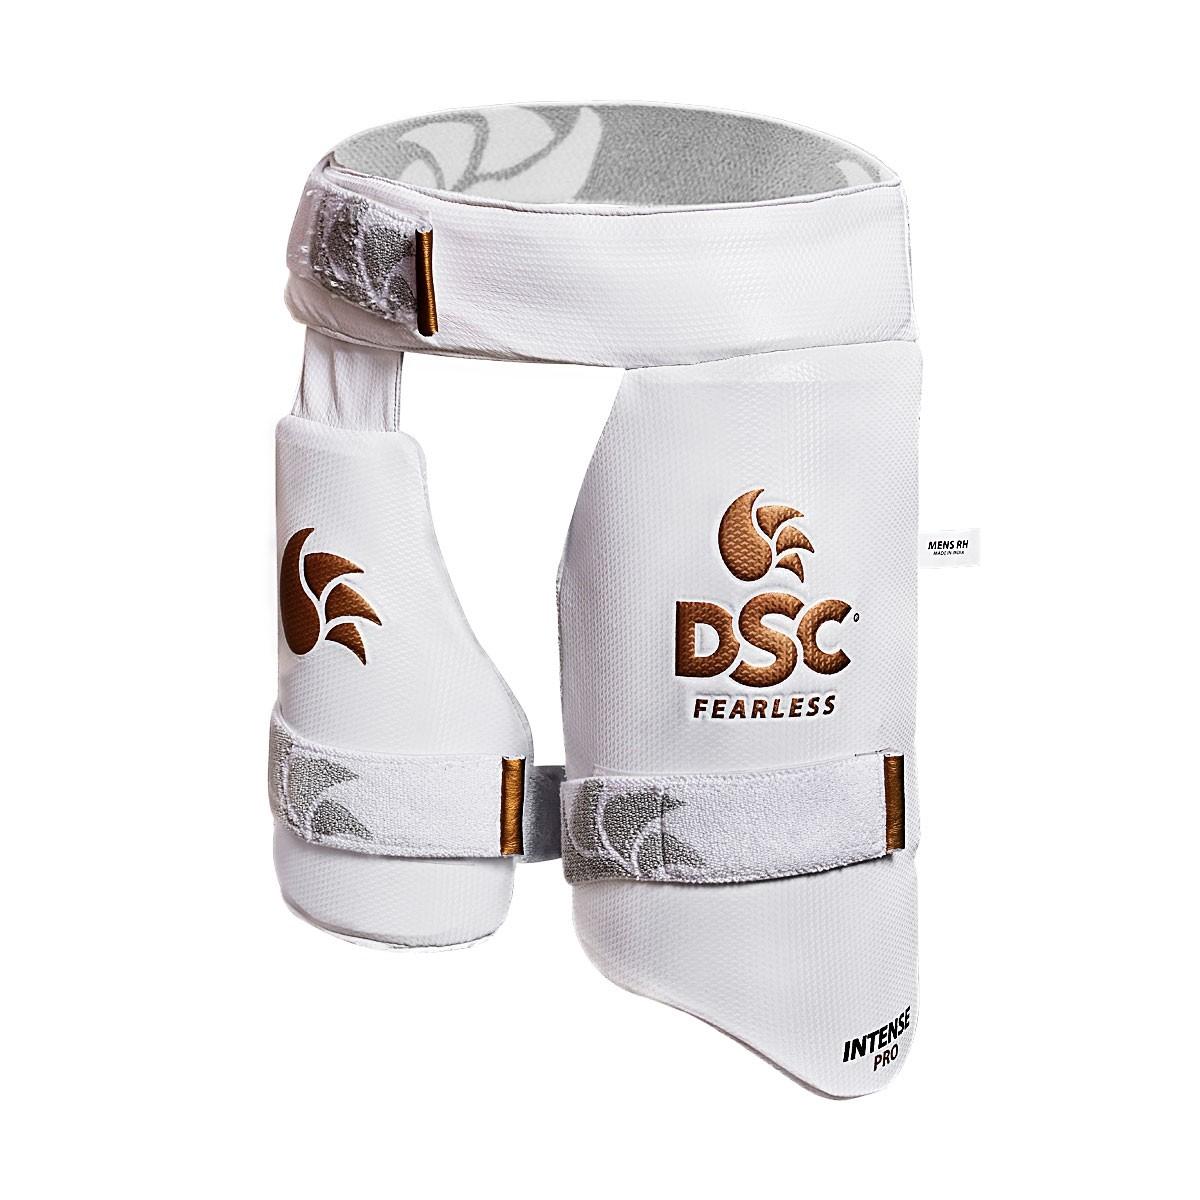 2021 DSC Intense Pro Thigh Pad Combo